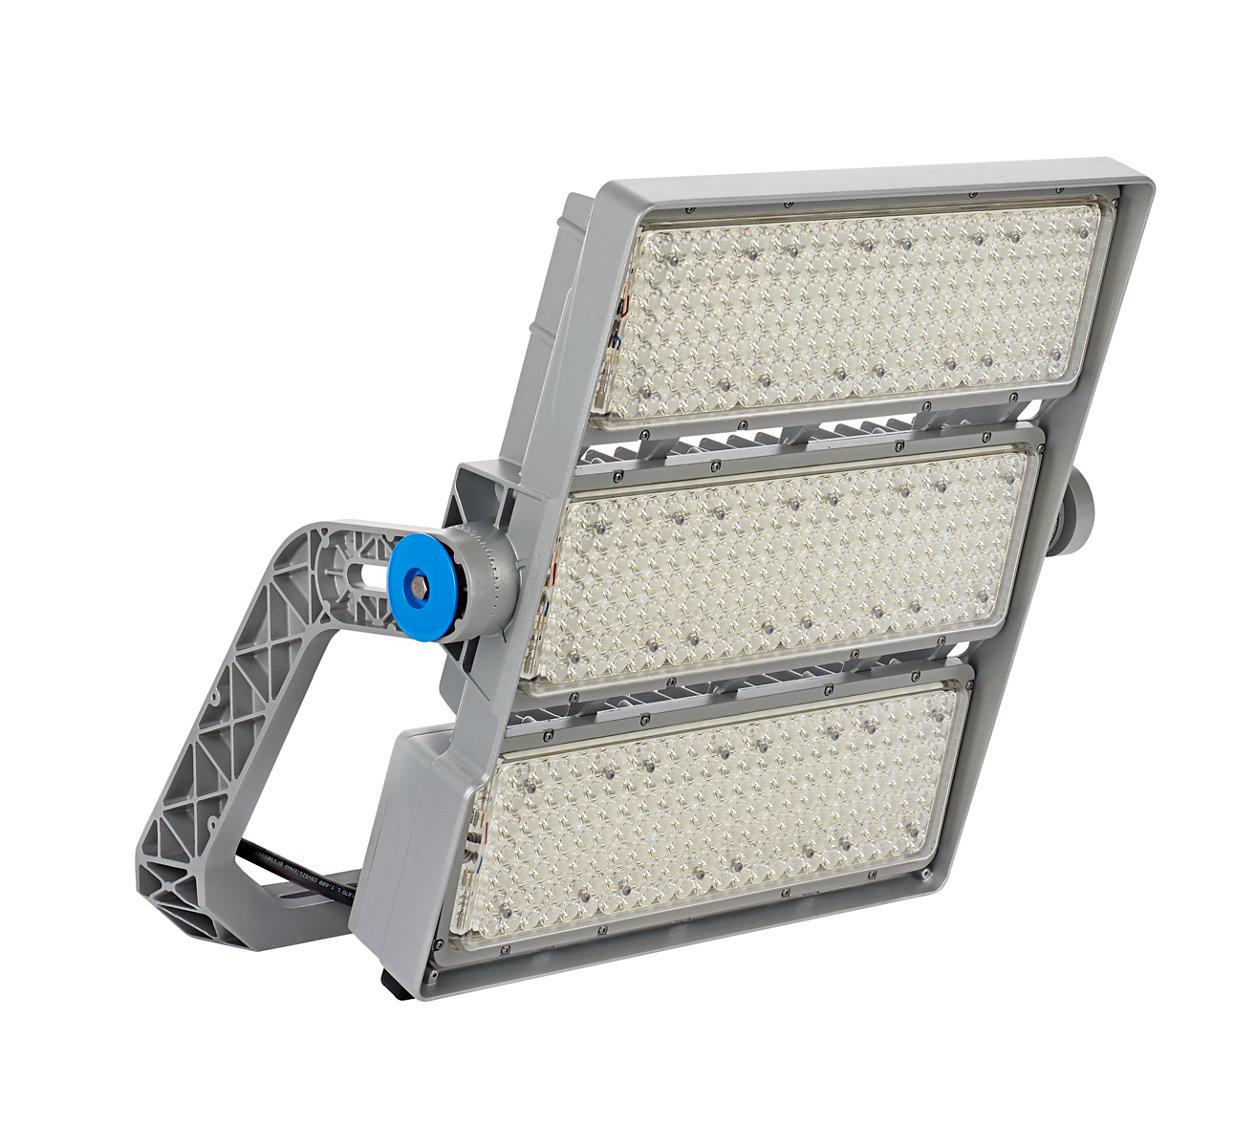 ArenaVision LED gen3.5 - Revolucionando a experiência de iluminação esportiva